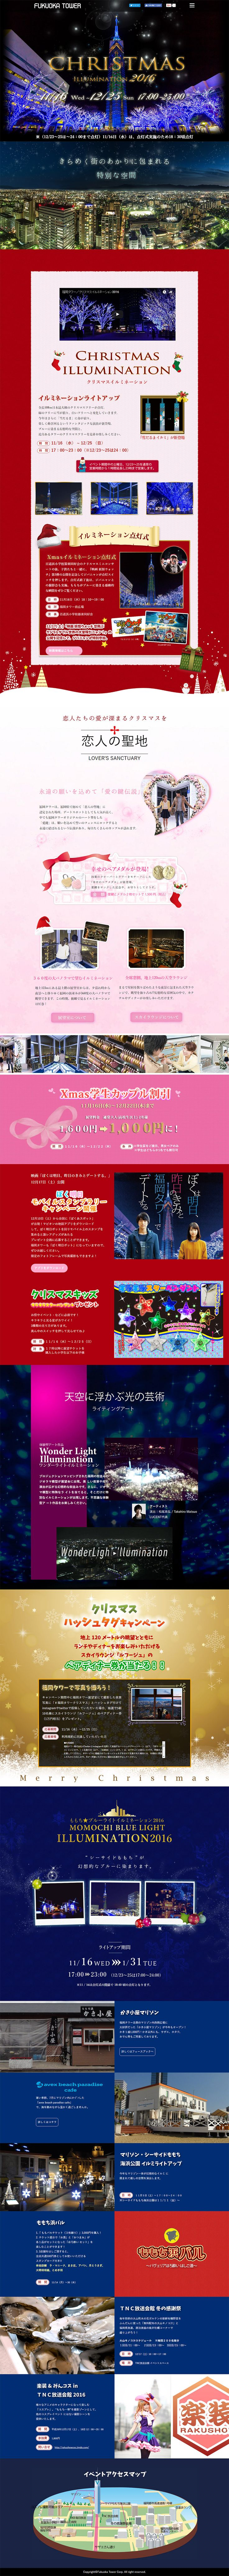 福岡タワークリスマス2016【サービス関連】のLPデザイン。WEBデザイナーさん必見!ランディングページのデザイン参考に(高級・リッチ・セレブ系)